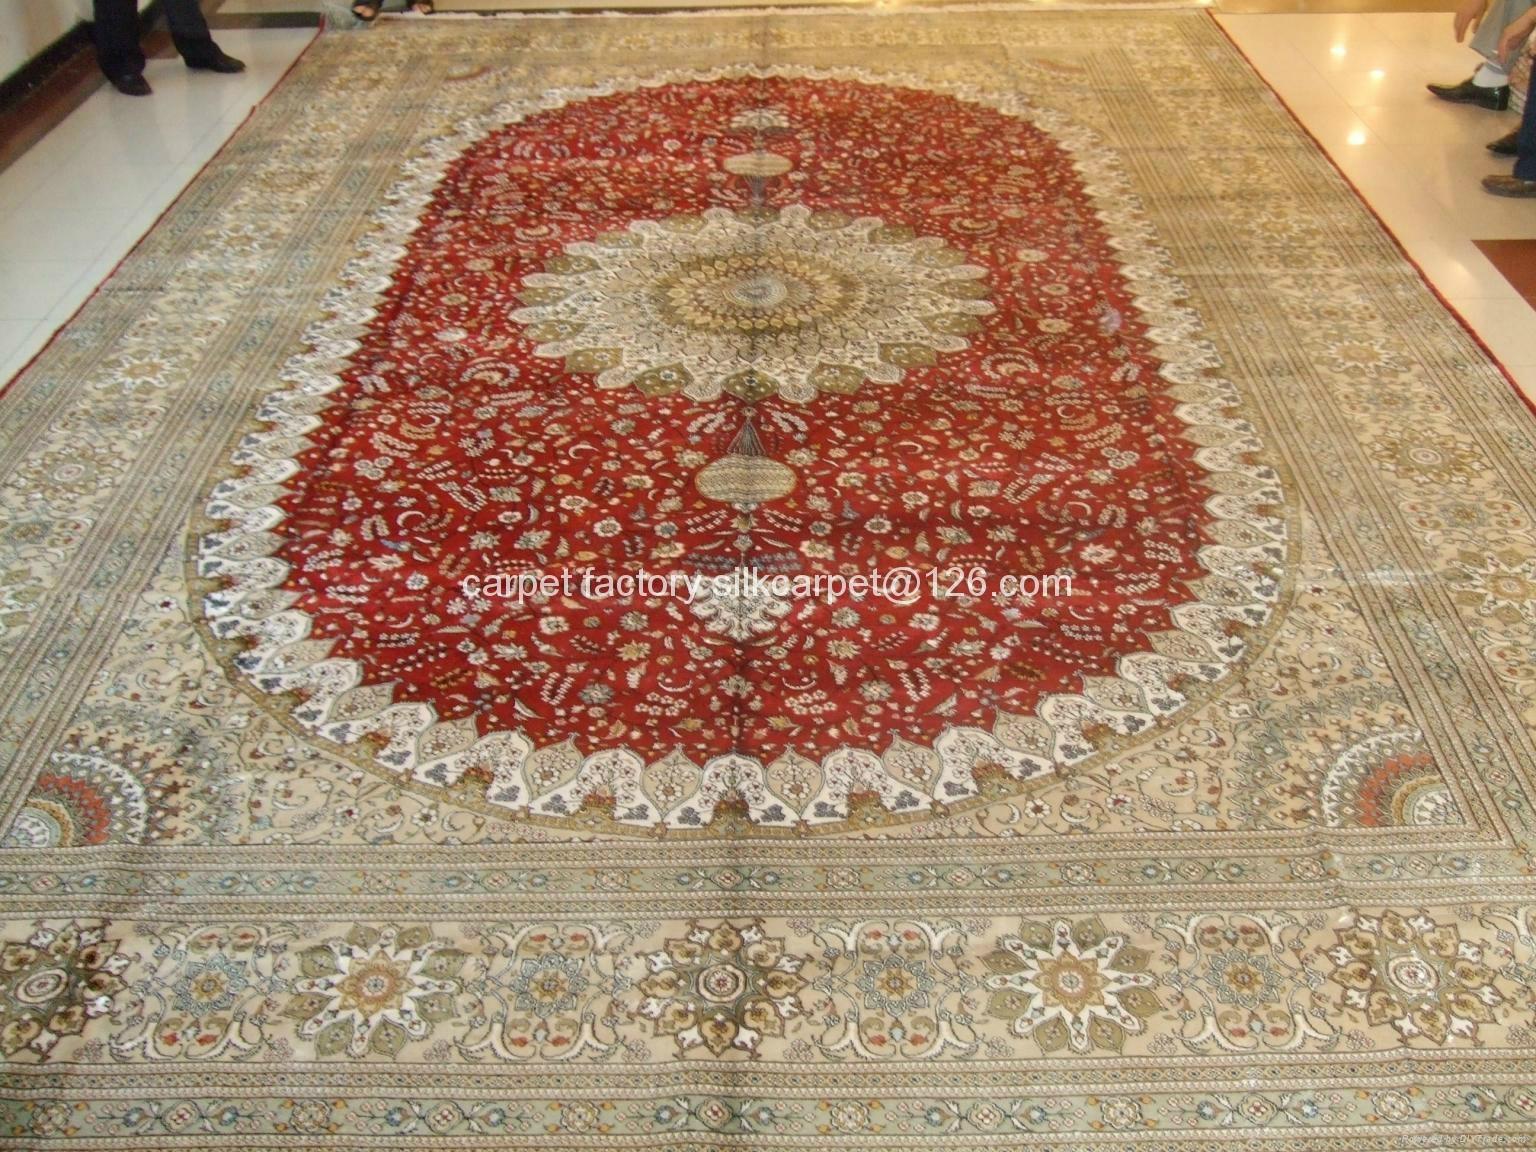 同奔馳一樣品質的特大型手工波斯地毯151x80ft  1